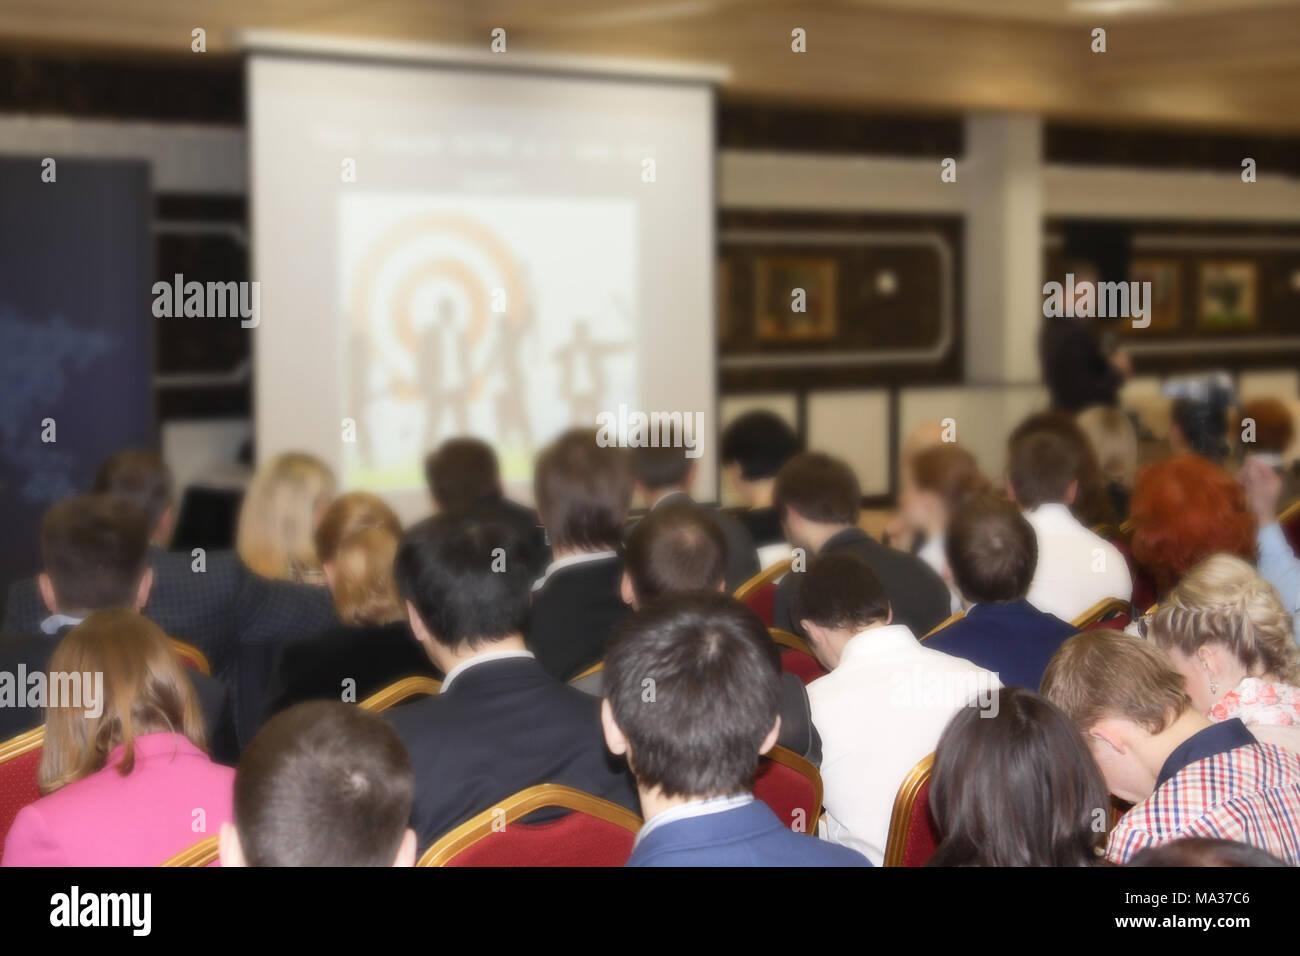 In einer riesigen Halle eine große Anzahl von Personen, die geschult sind, ein Seminar über neue Arten des Geschäfts Stockbild